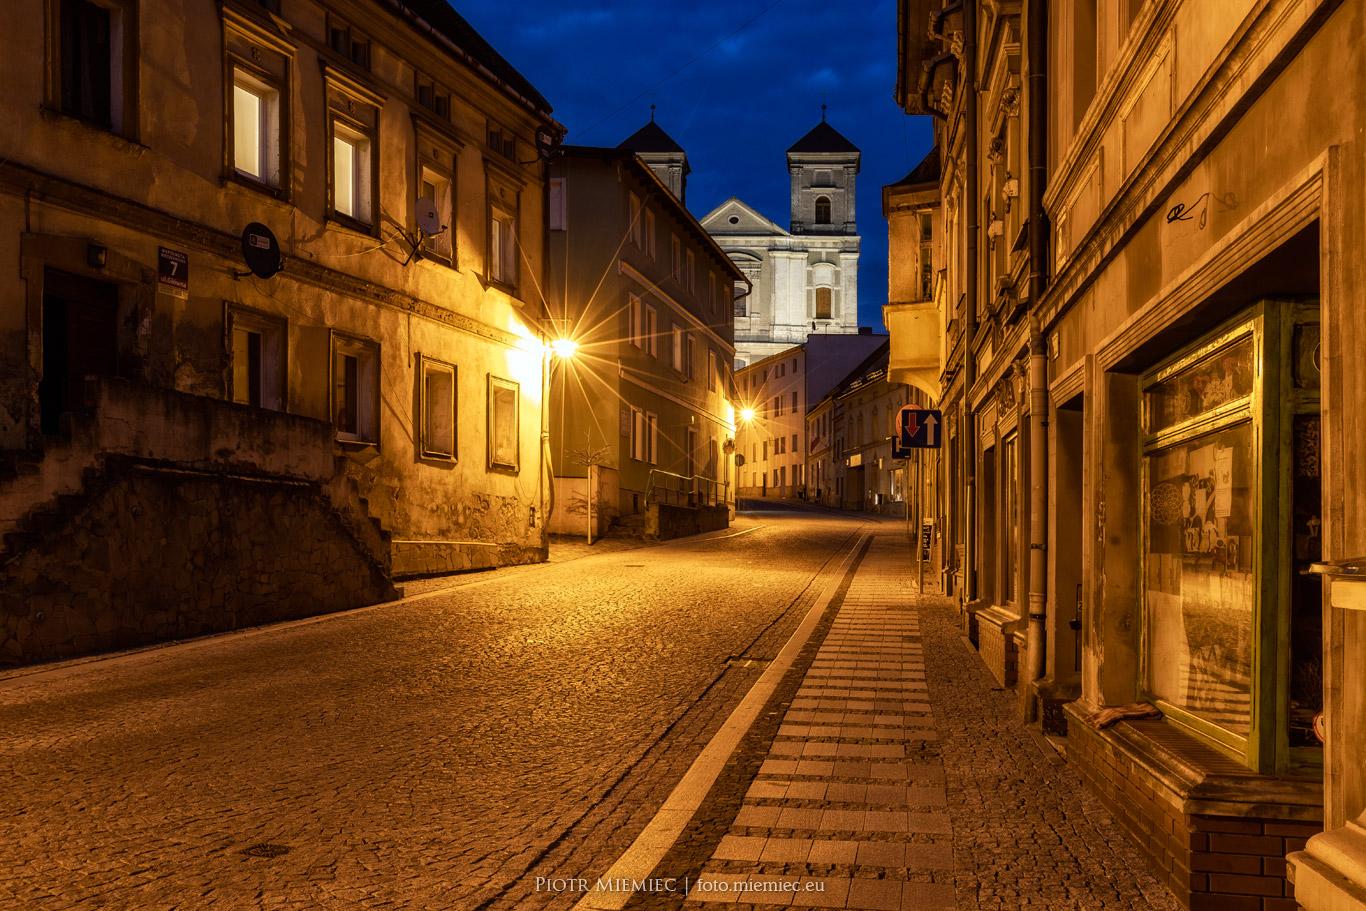 Miasto i architektura miejska